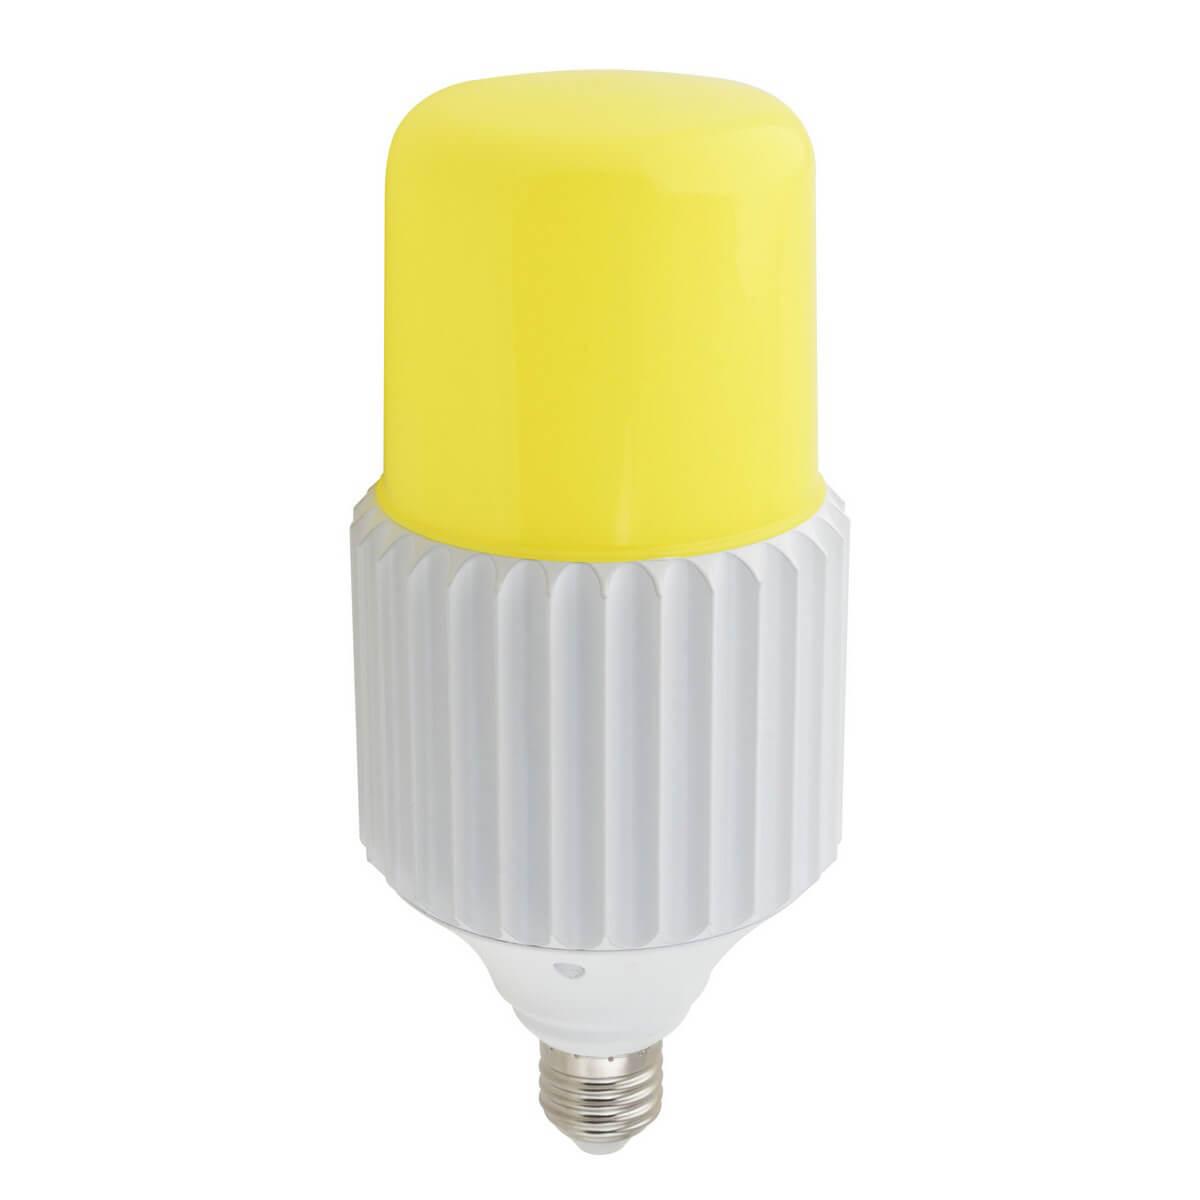 все цены на Лампа светодиодная сверхмощная (UL-00004080) Uniel E27 80W 4000K желтая LED-MP200-80W/4000K/E40/PH ALP06WH онлайн